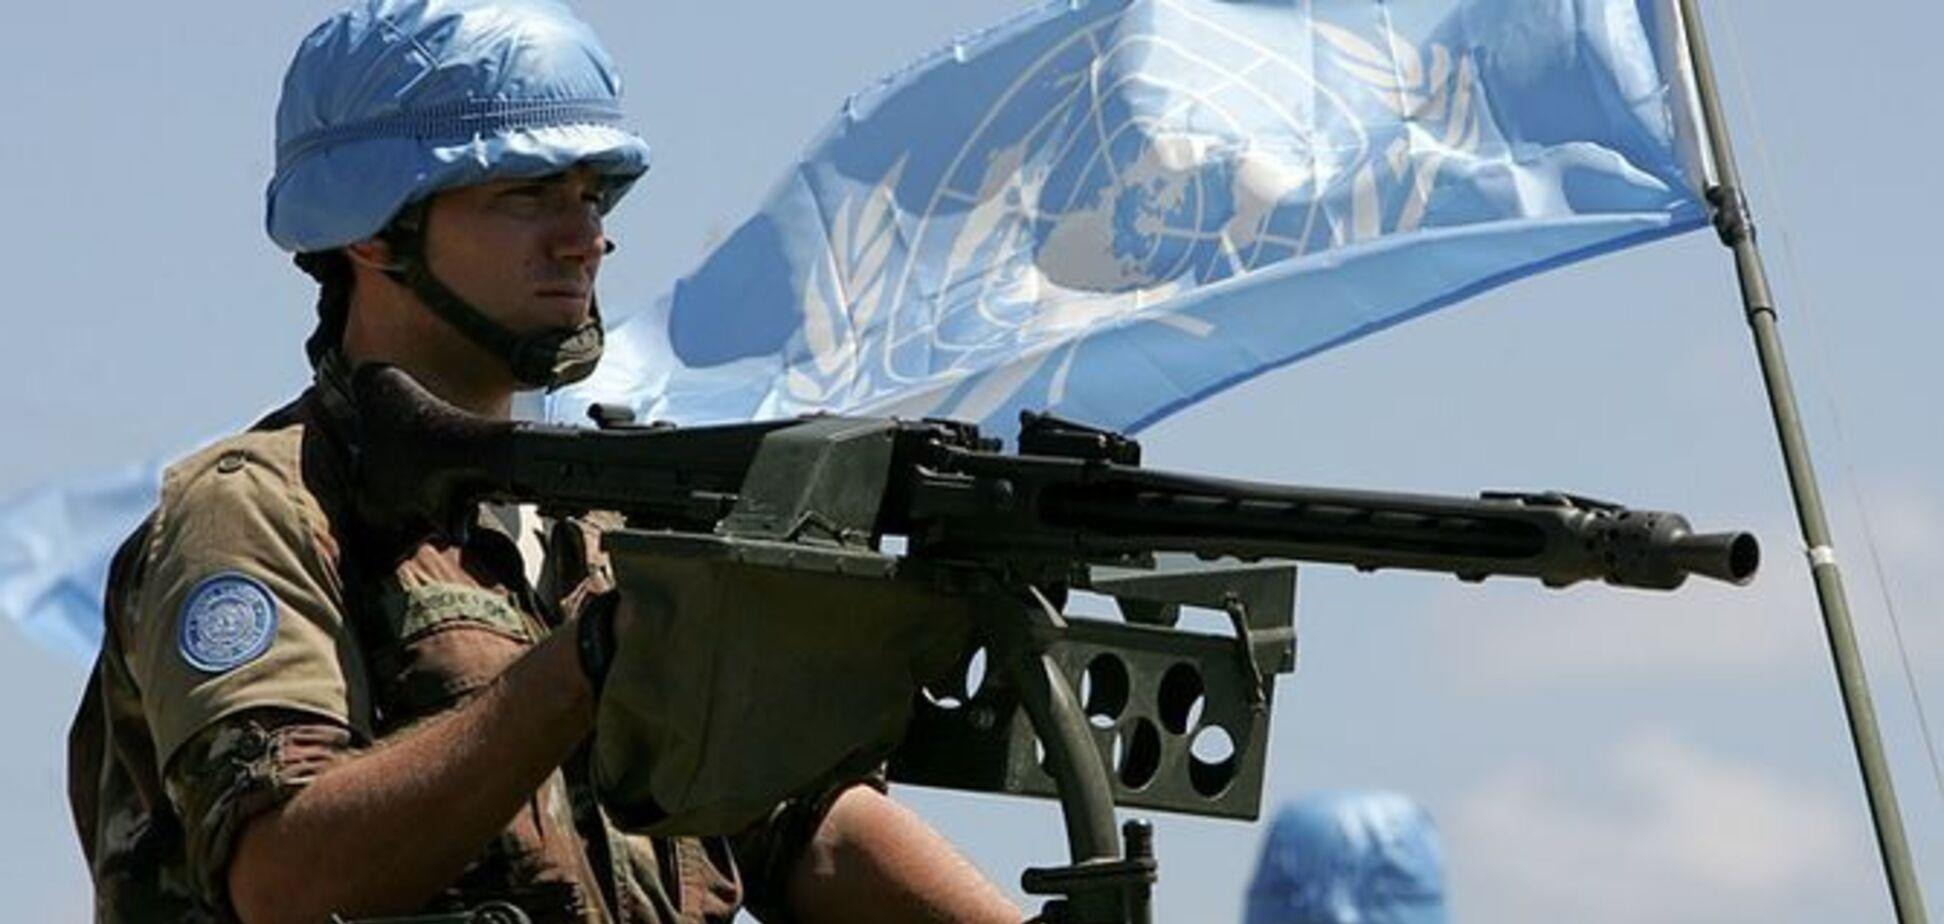 ''Потрібно тиснути'': стали відомі деталі введення миротворчої місії на Донбас